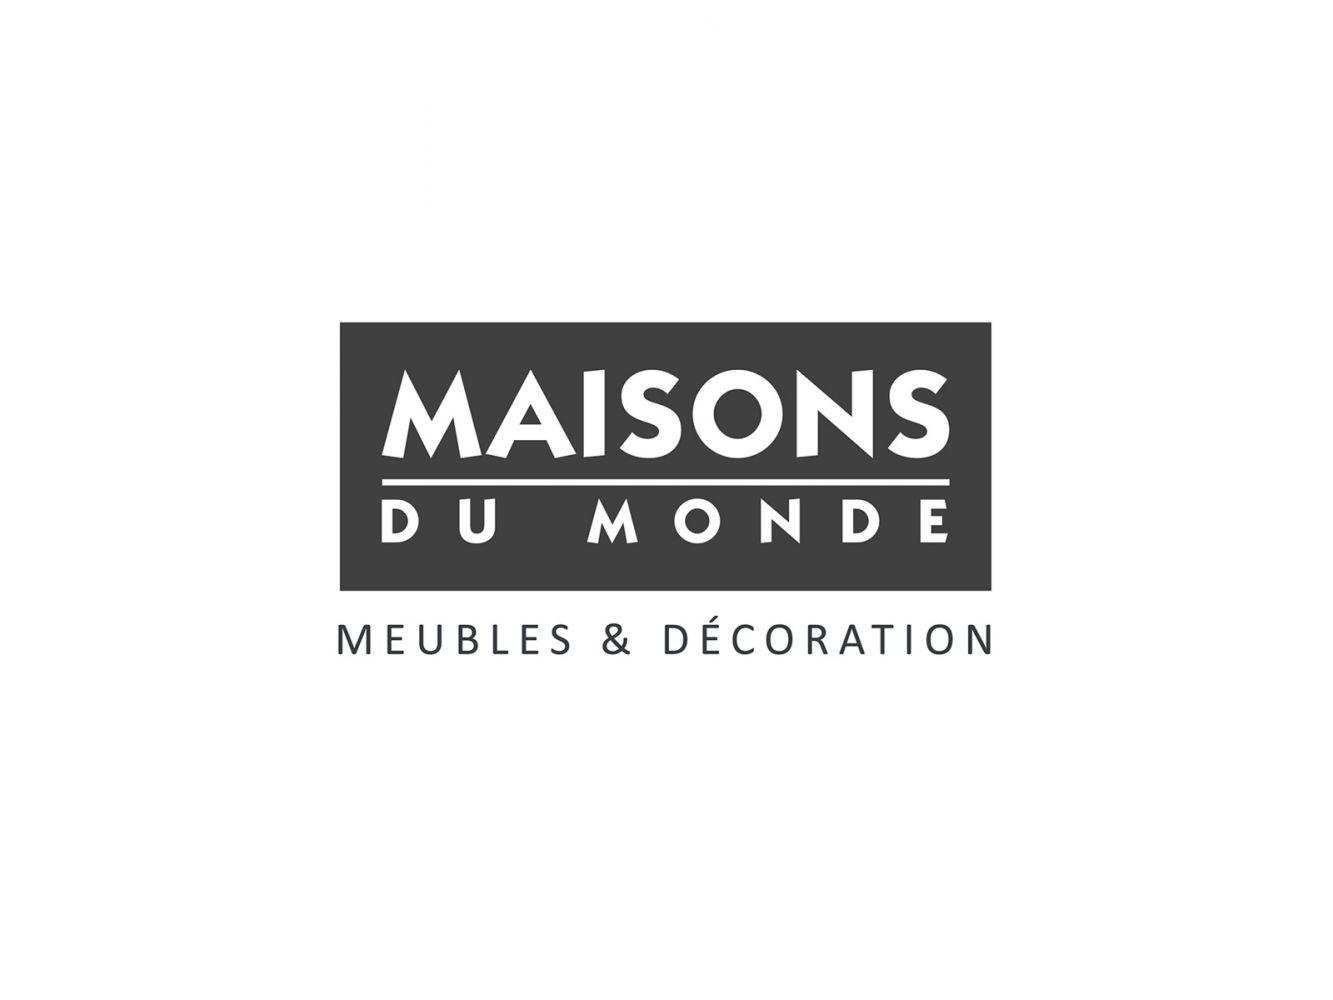 Maisons du monde meuble et d coration marseille mobilier design contempor - Maison du monde marseille ...